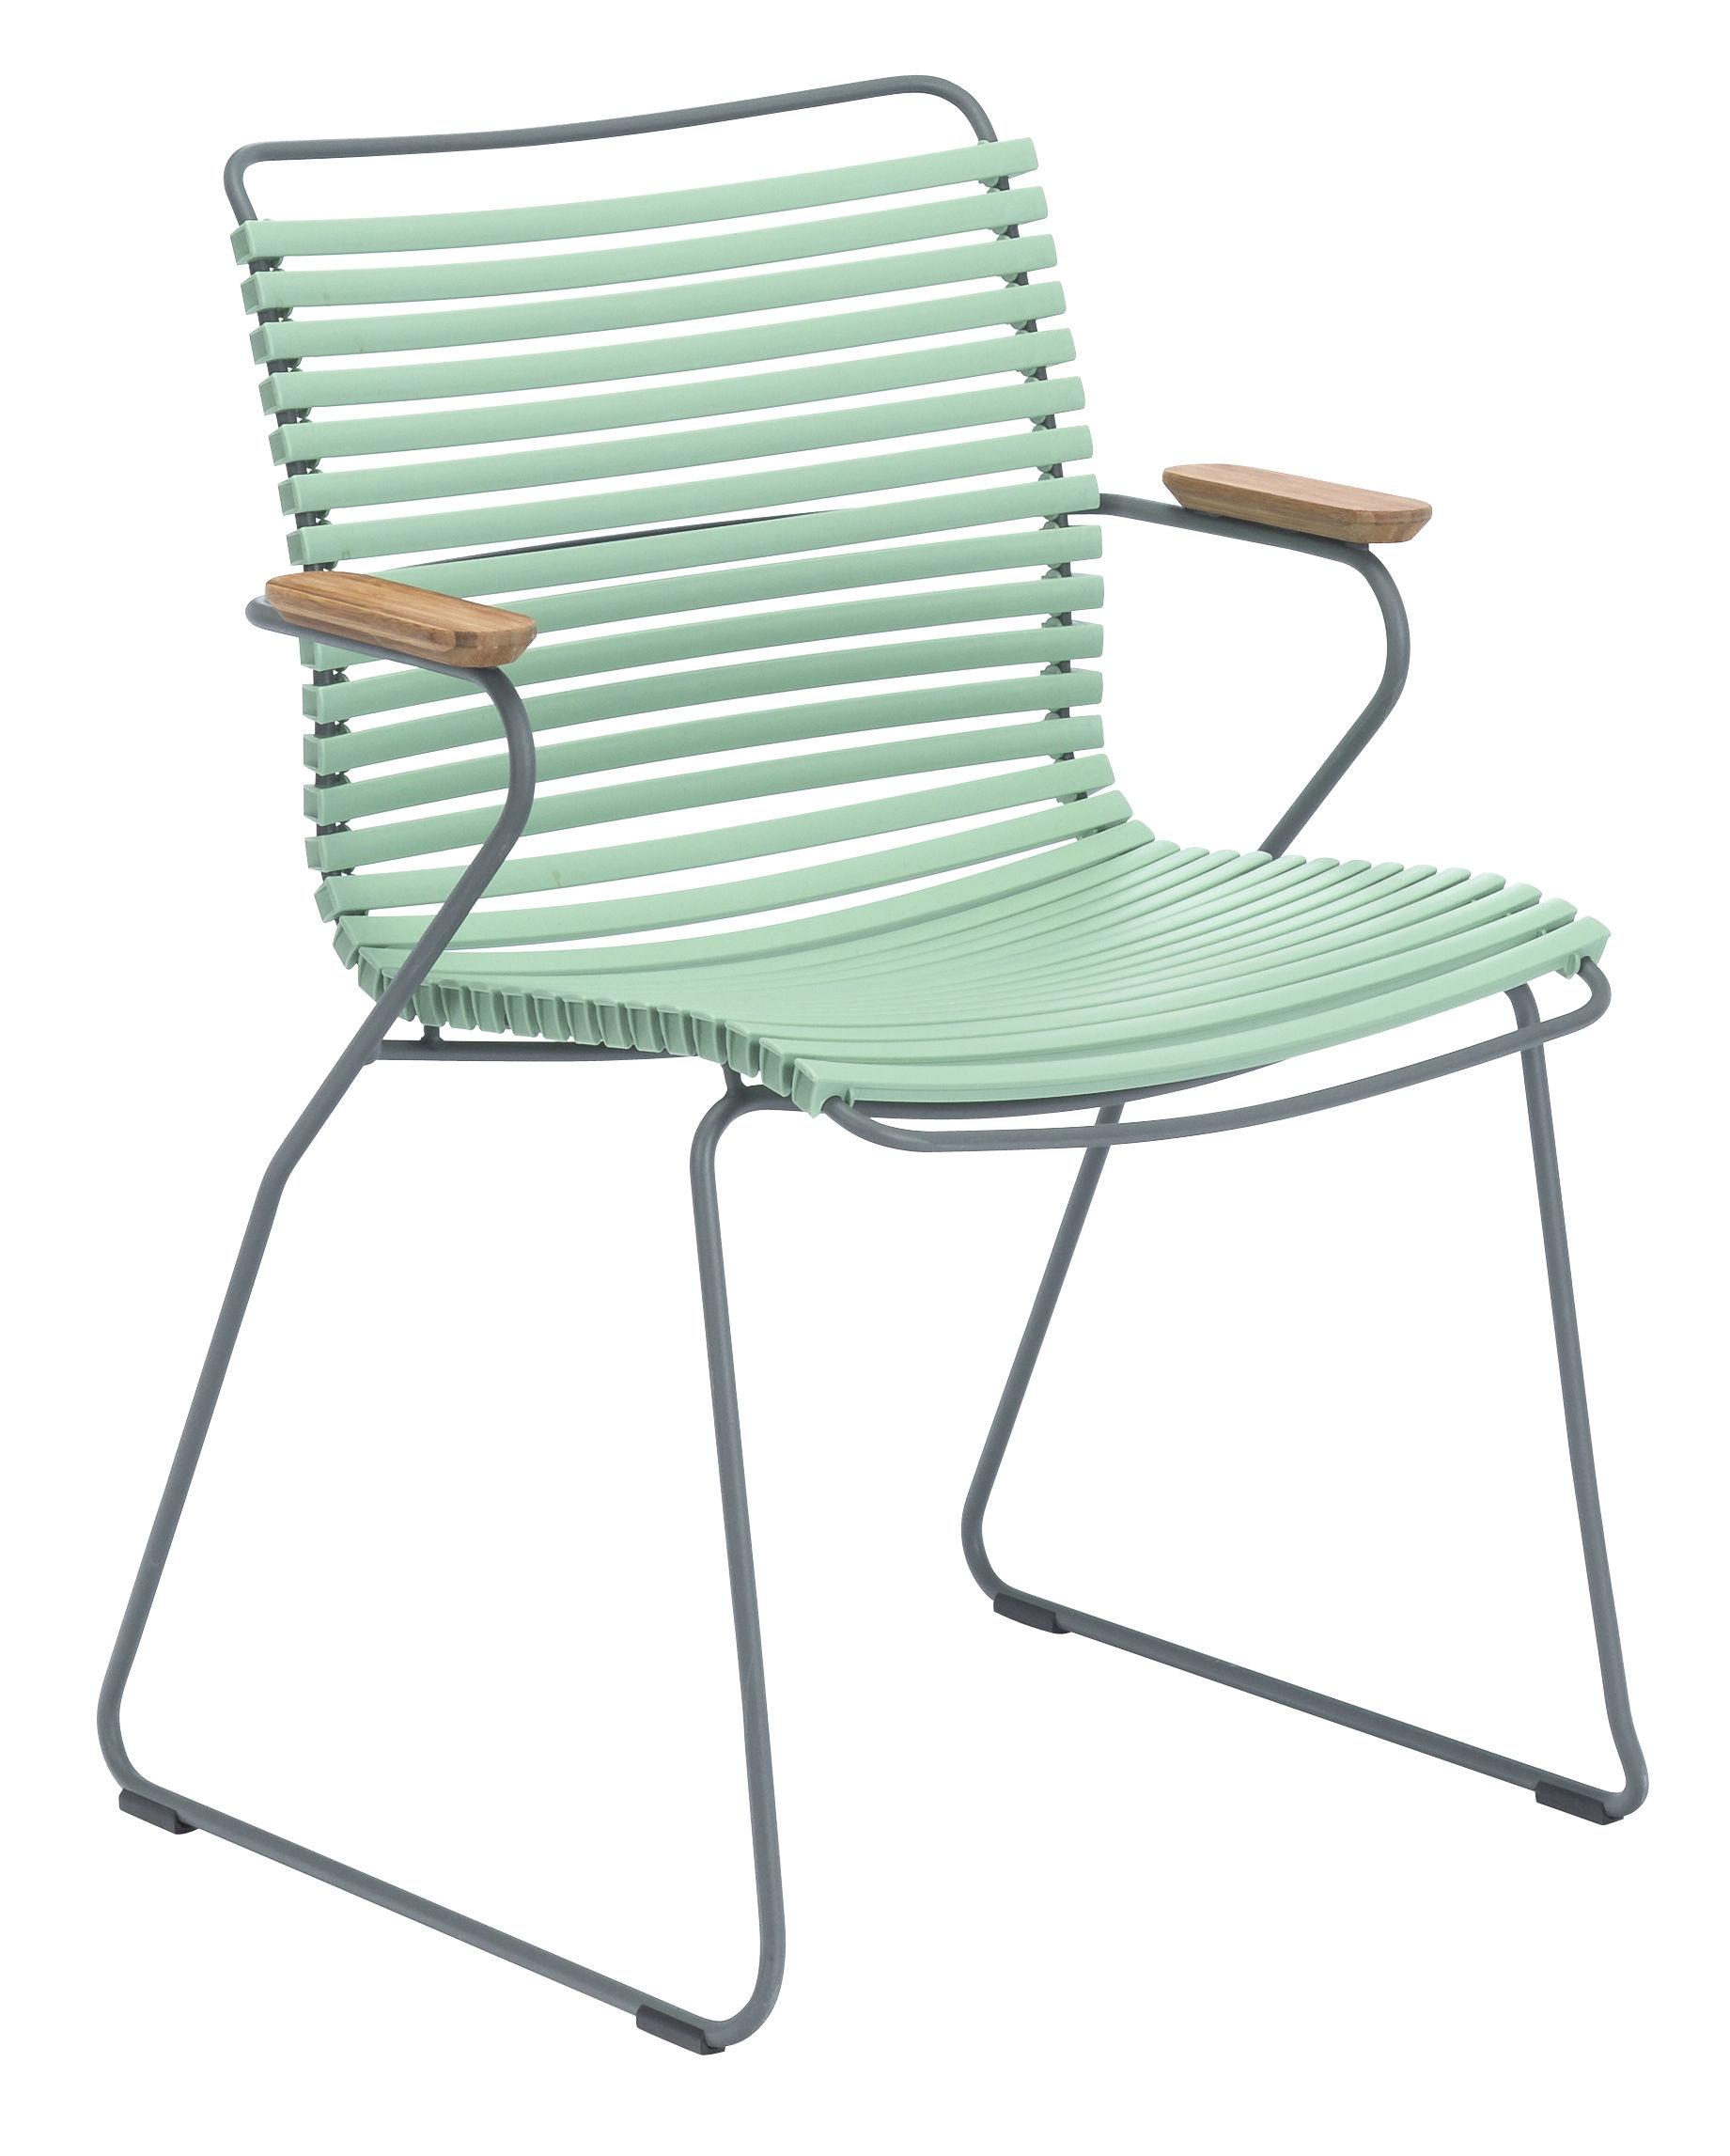 Mobilier - Chaises, fauteuils de salle à manger - Fauteuil Click / Plastique & accoudoirs bambou - Houe - Dusty green - Bambou, Matière plastique, Métal